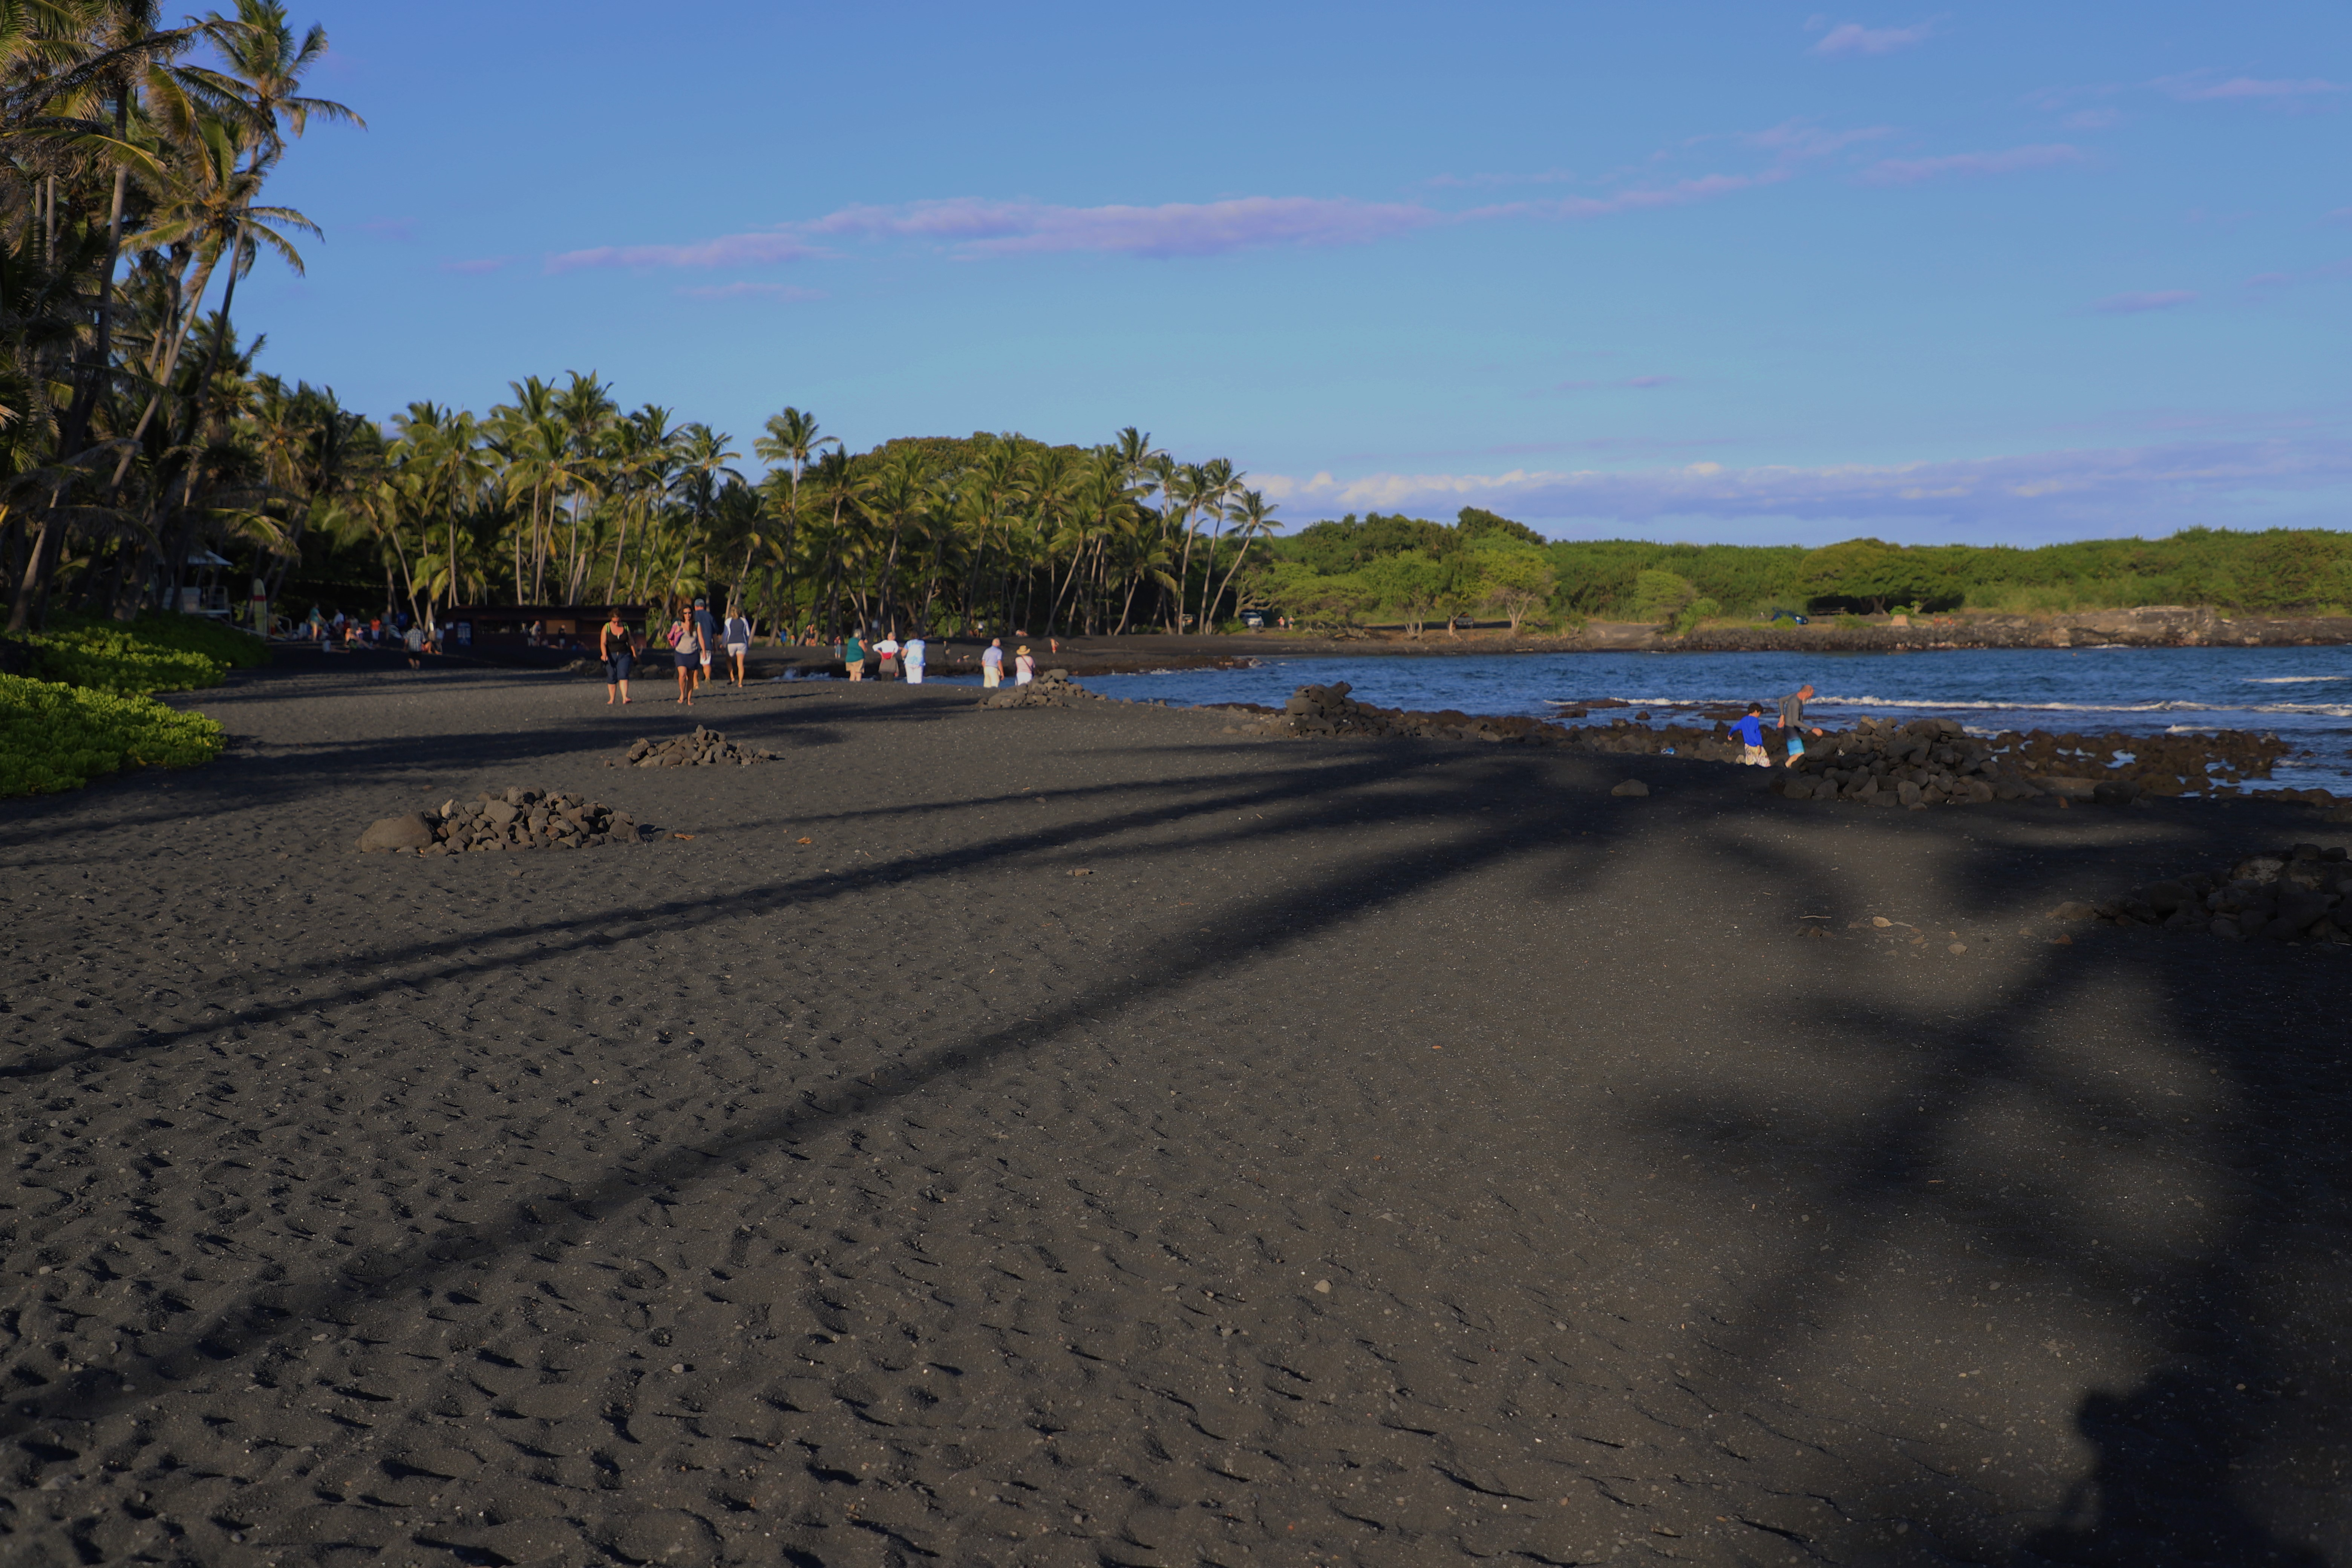 2018 11 13 169 Big Island HI  Punalu'u Black Sand Beach.JPG